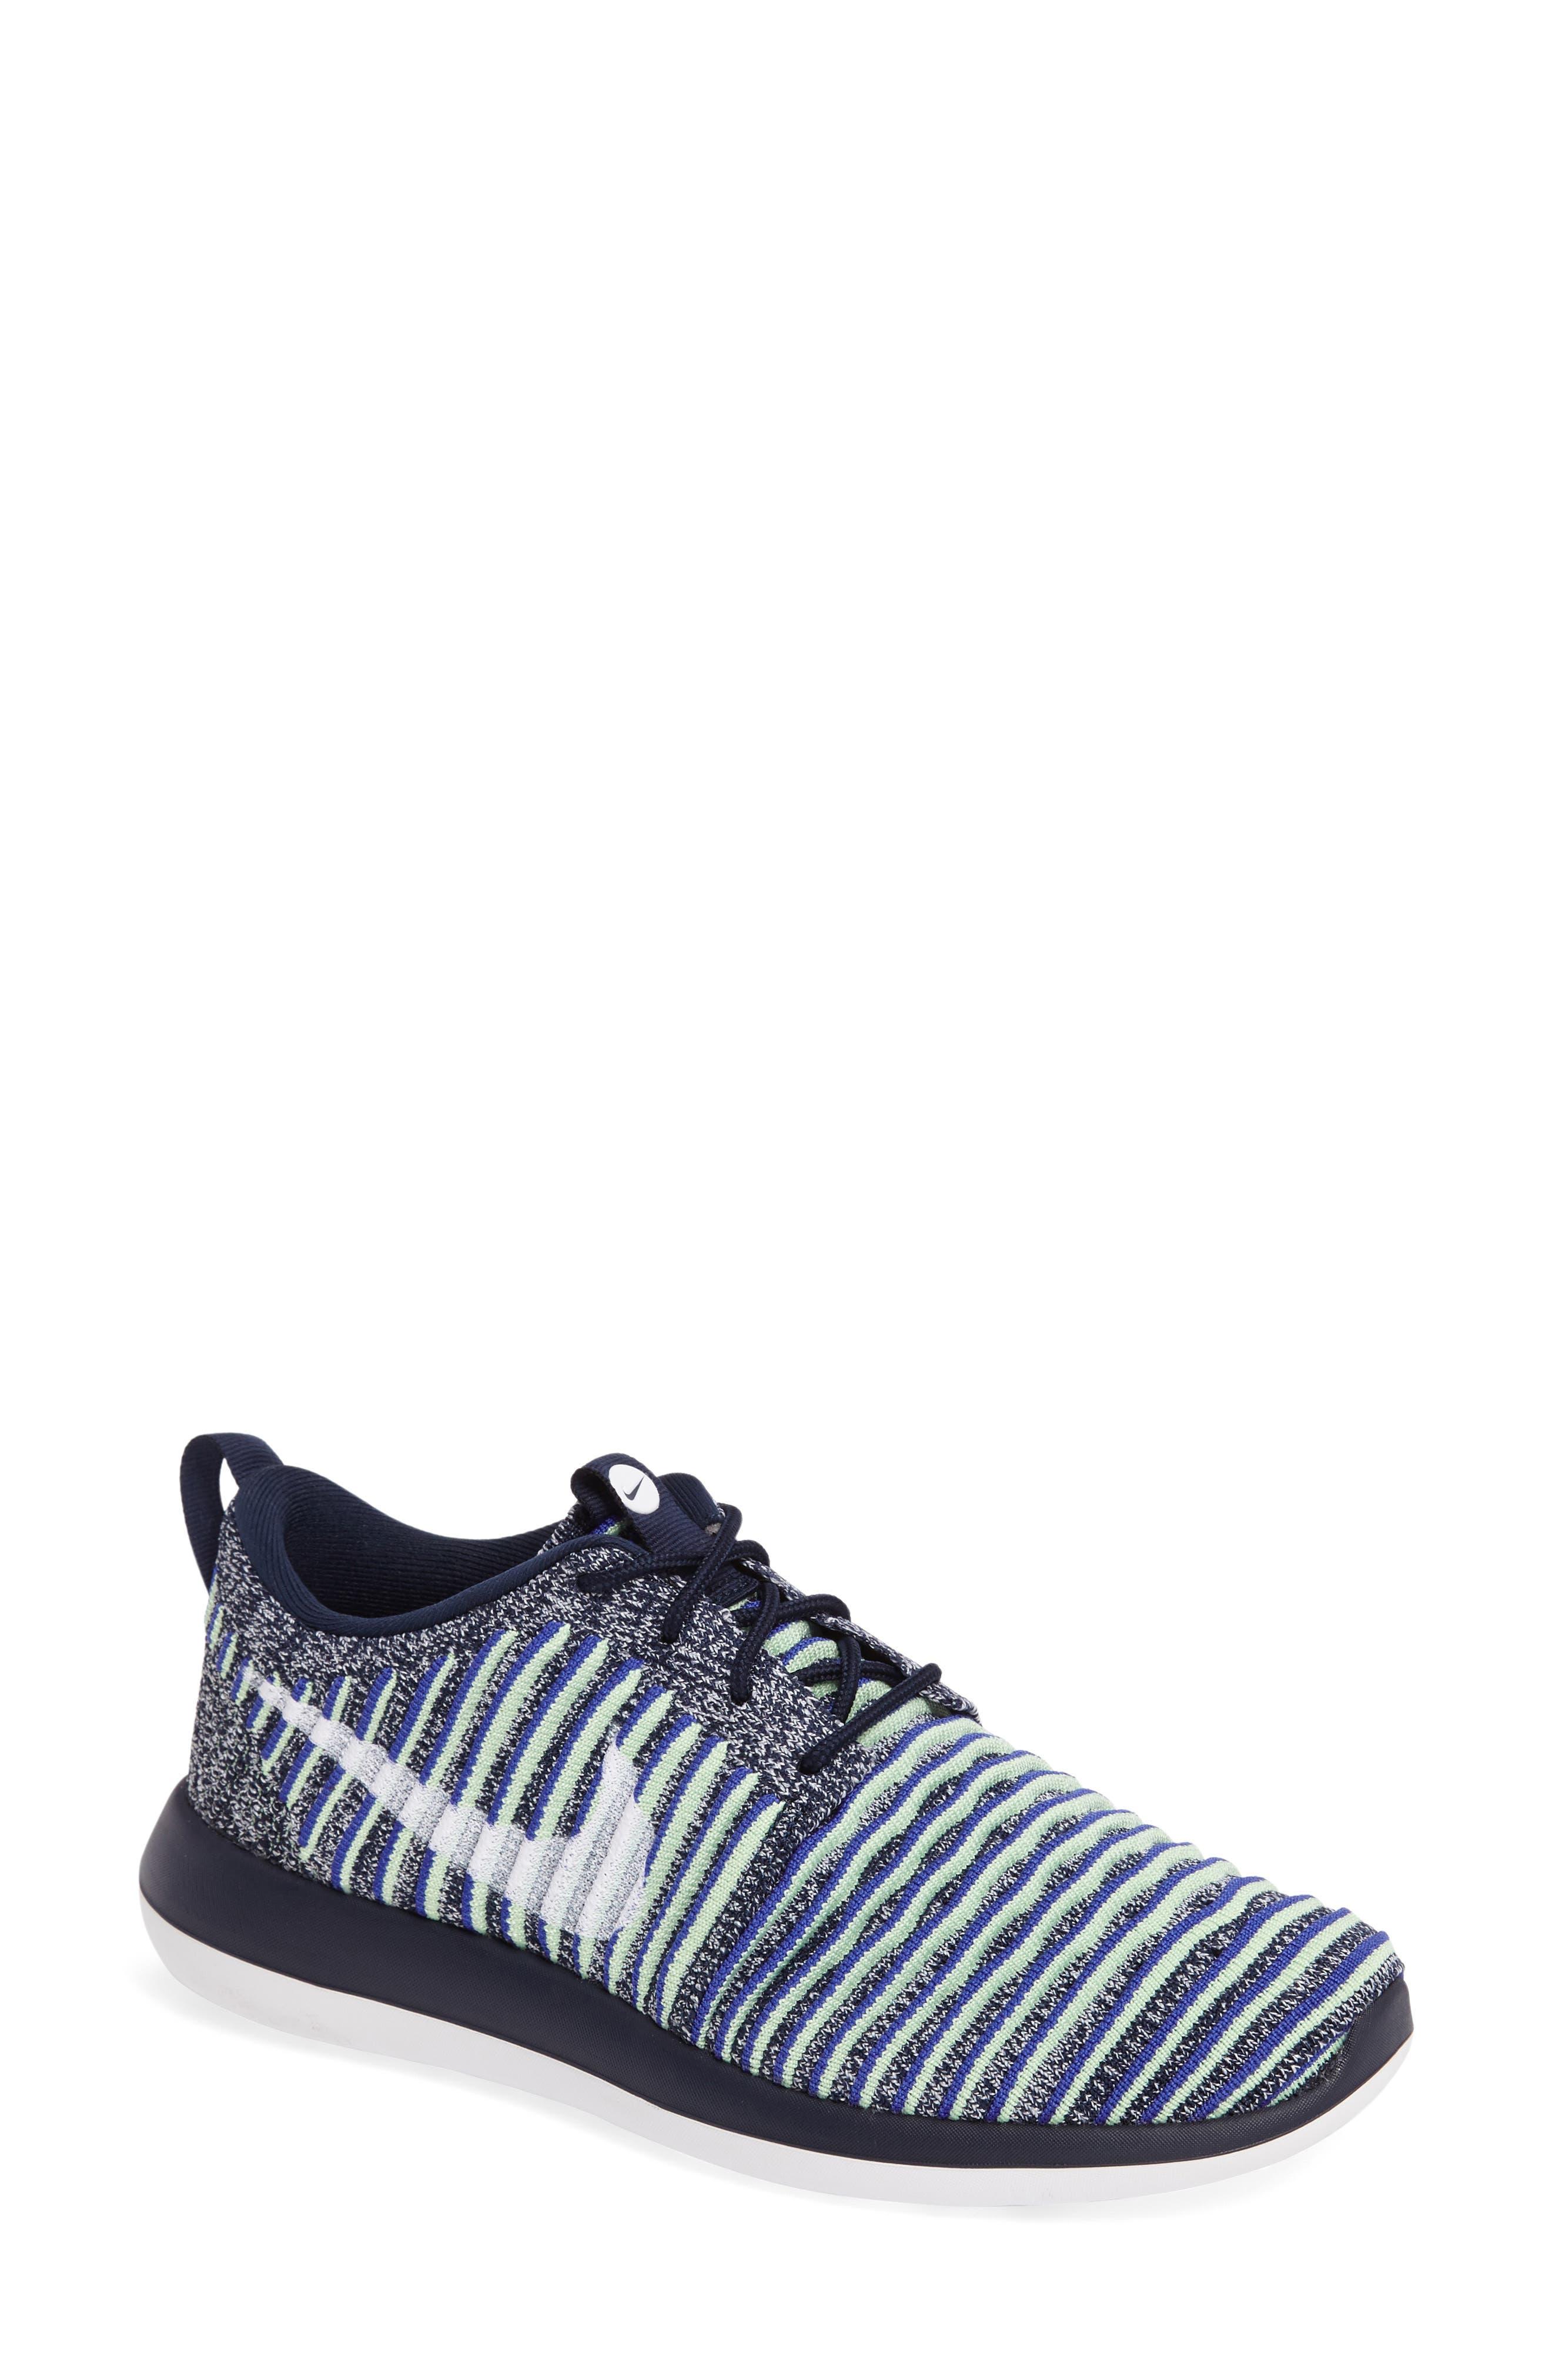 NIKE Roshe Two FlyKnit Sneaker